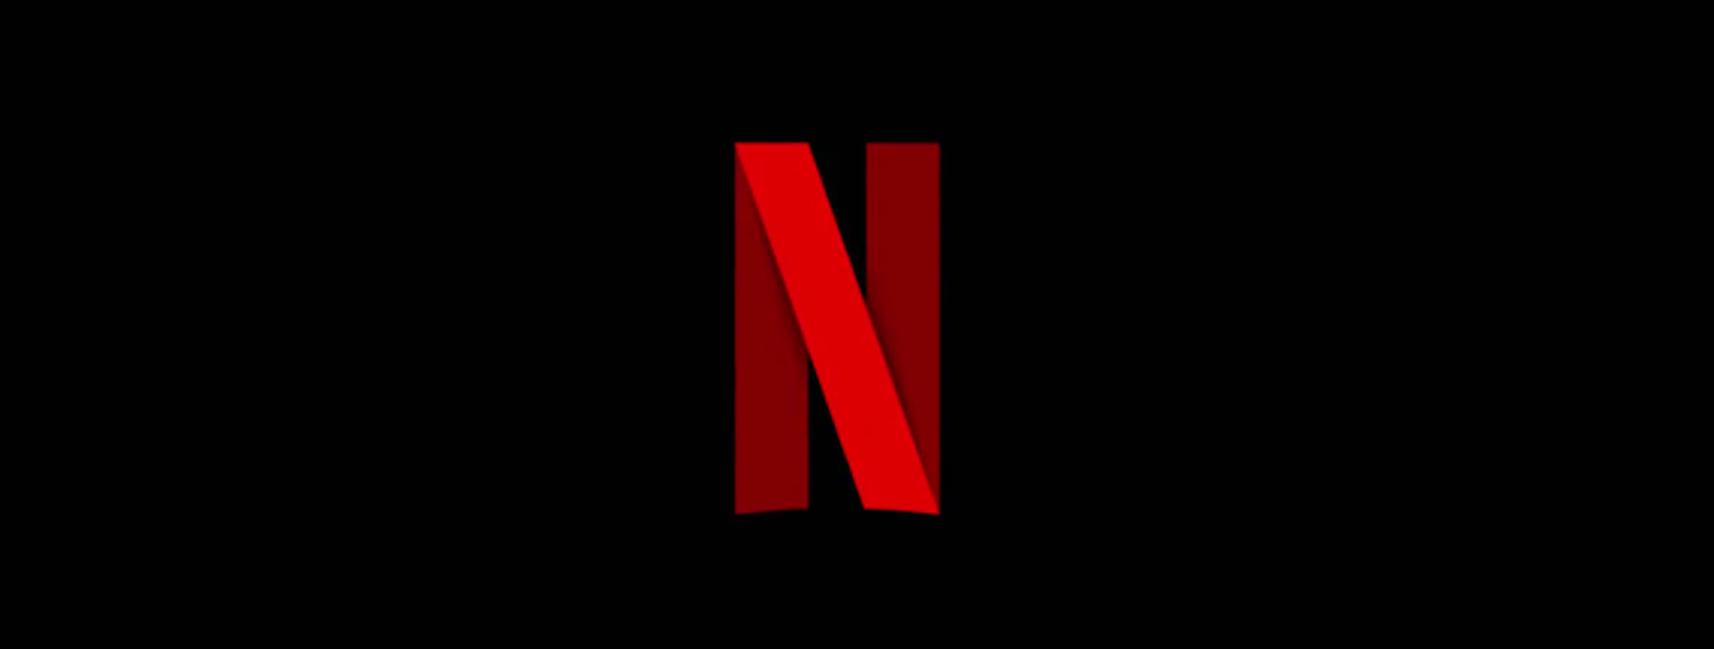 59 filmes e séries estreiam em junho na Netflix